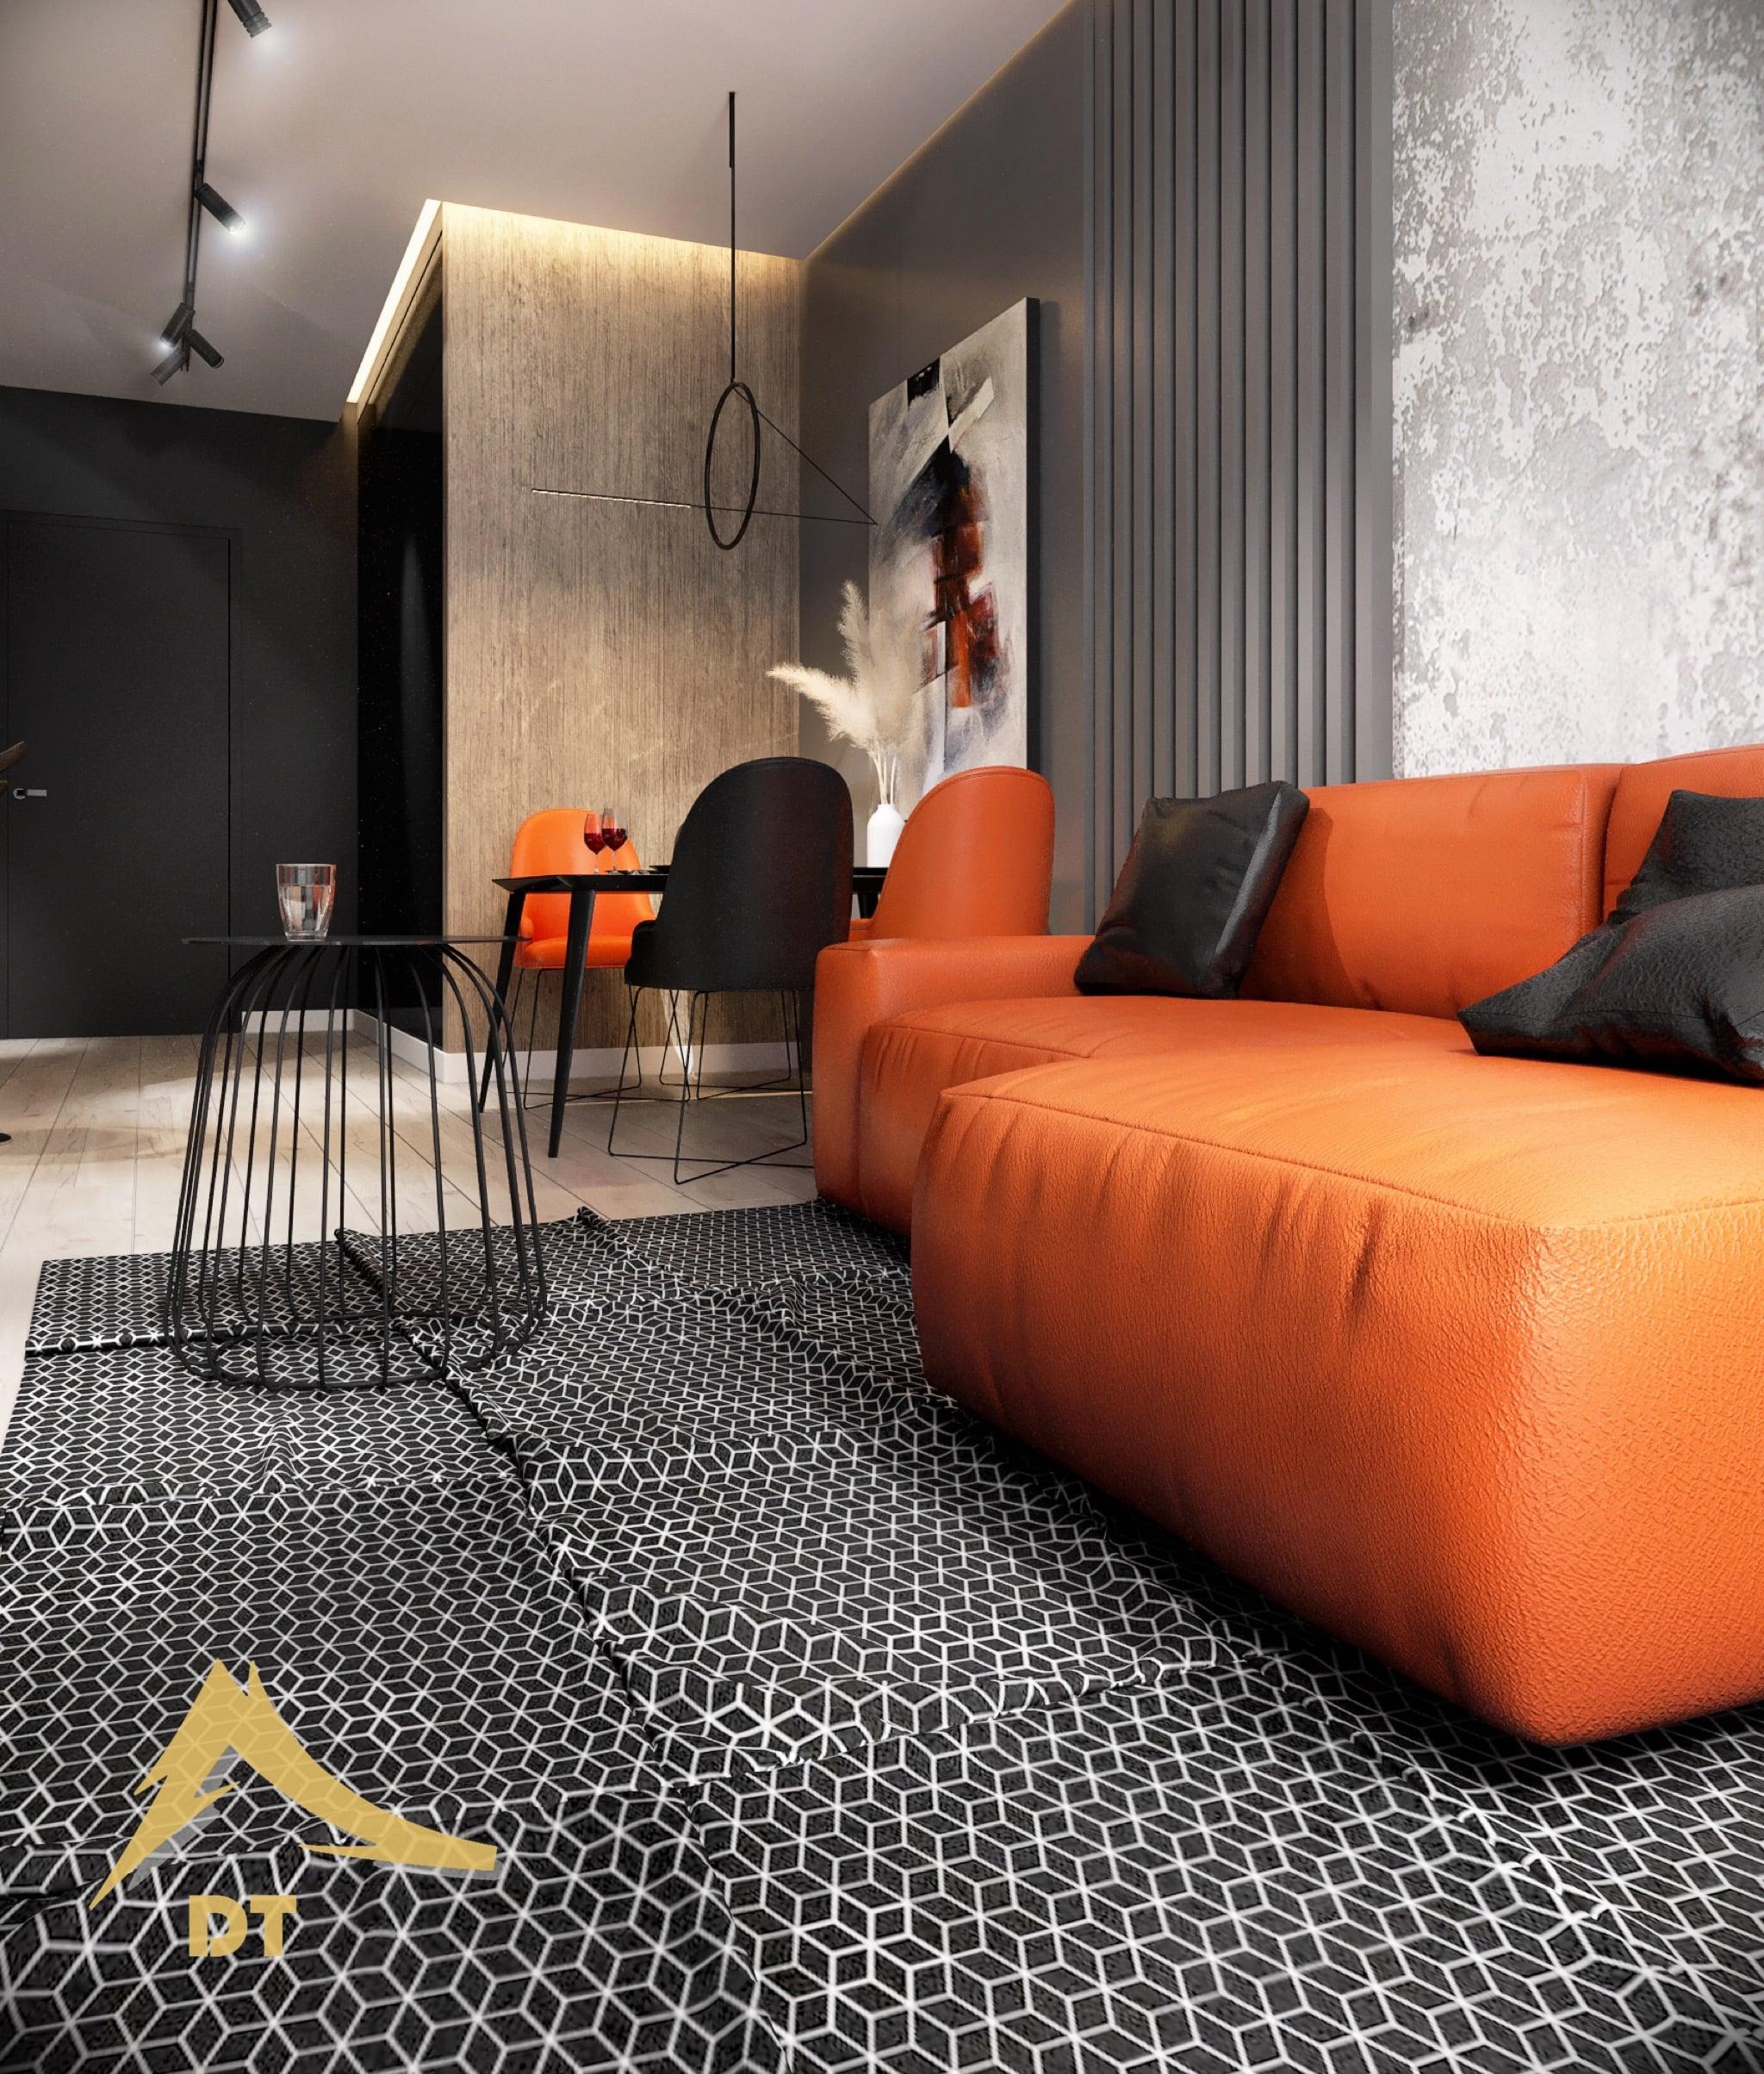 شرکت معماری و دکوراسیون داخلی دکوطرح - hosseinnia niavaran 18